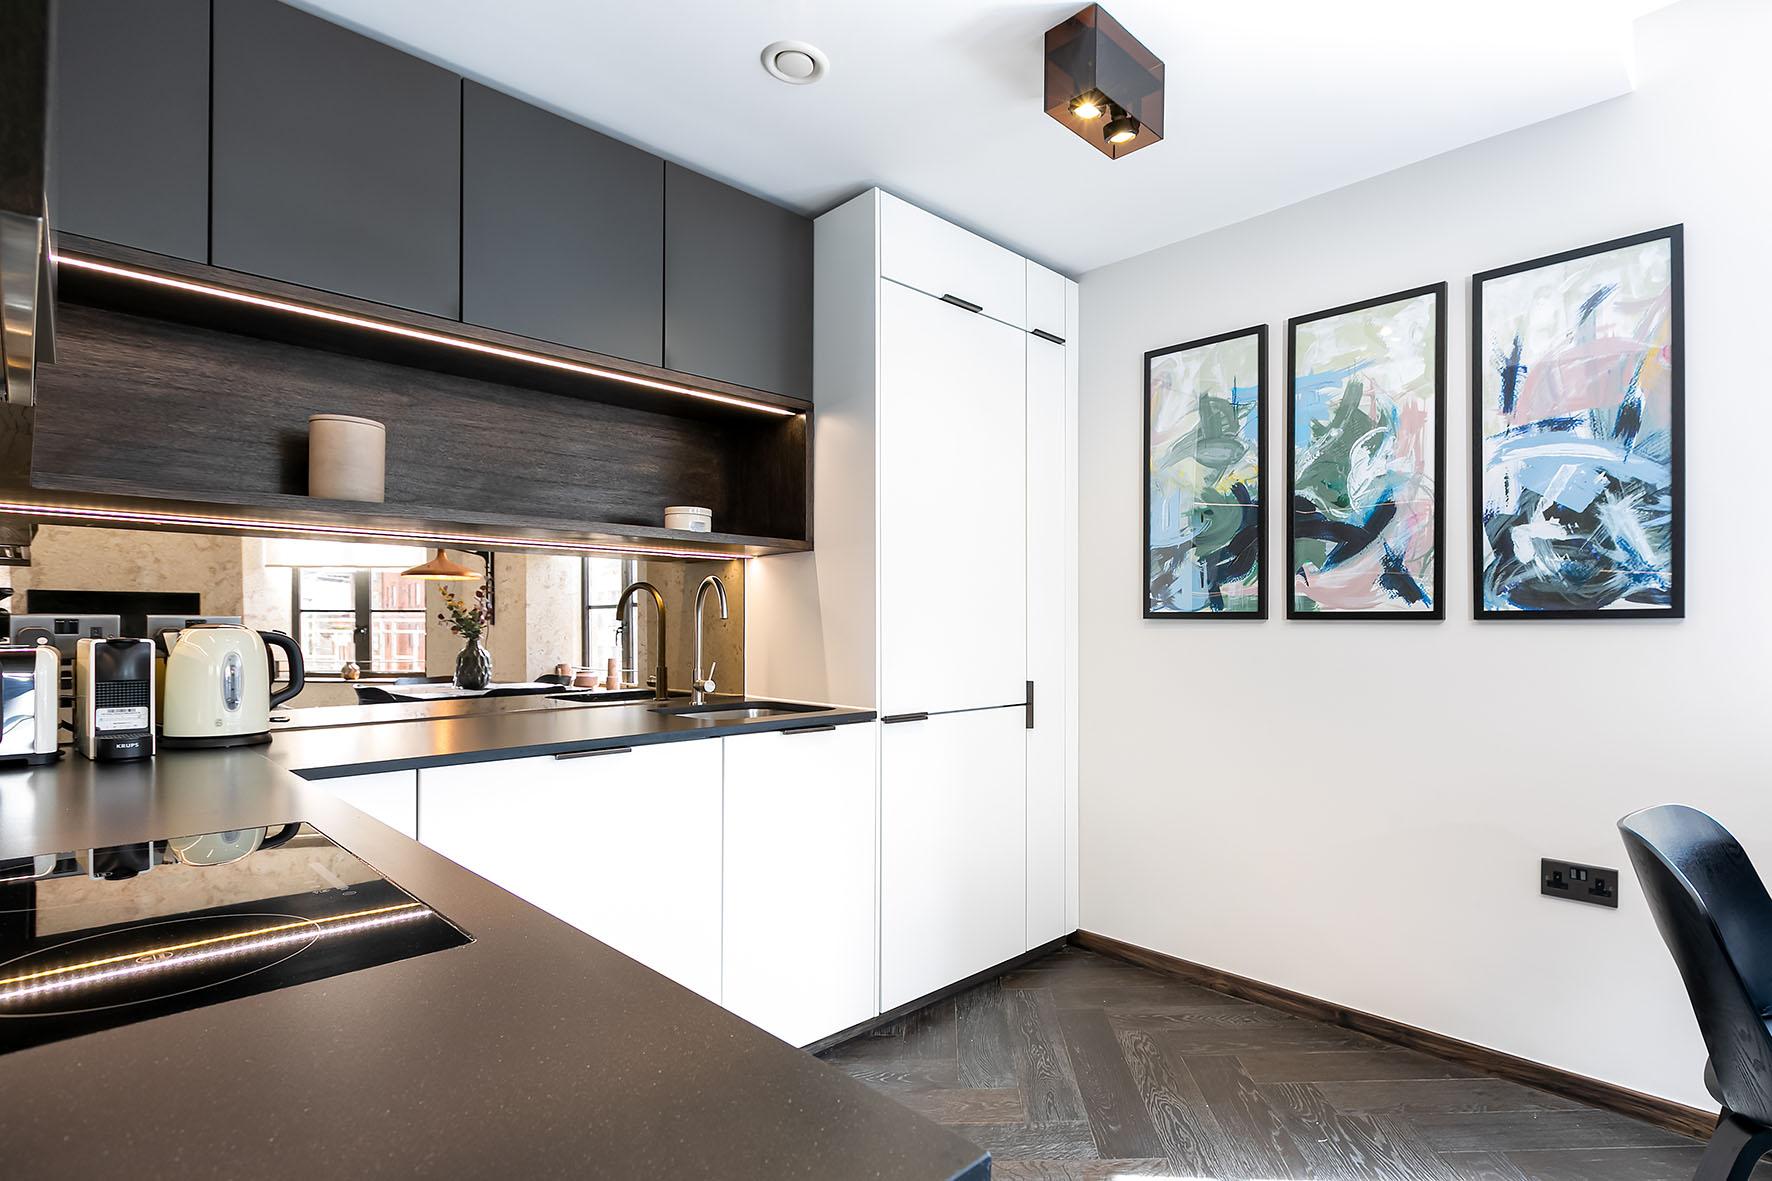 Lovelydays luxury service apartment rental - London - Soho - Noel Street VI - Lovelysuite - 2 bedrooms - 2 bathrooms - Luxury kitchen - luxury apartment in london - 85955949f678 - Lovelydays